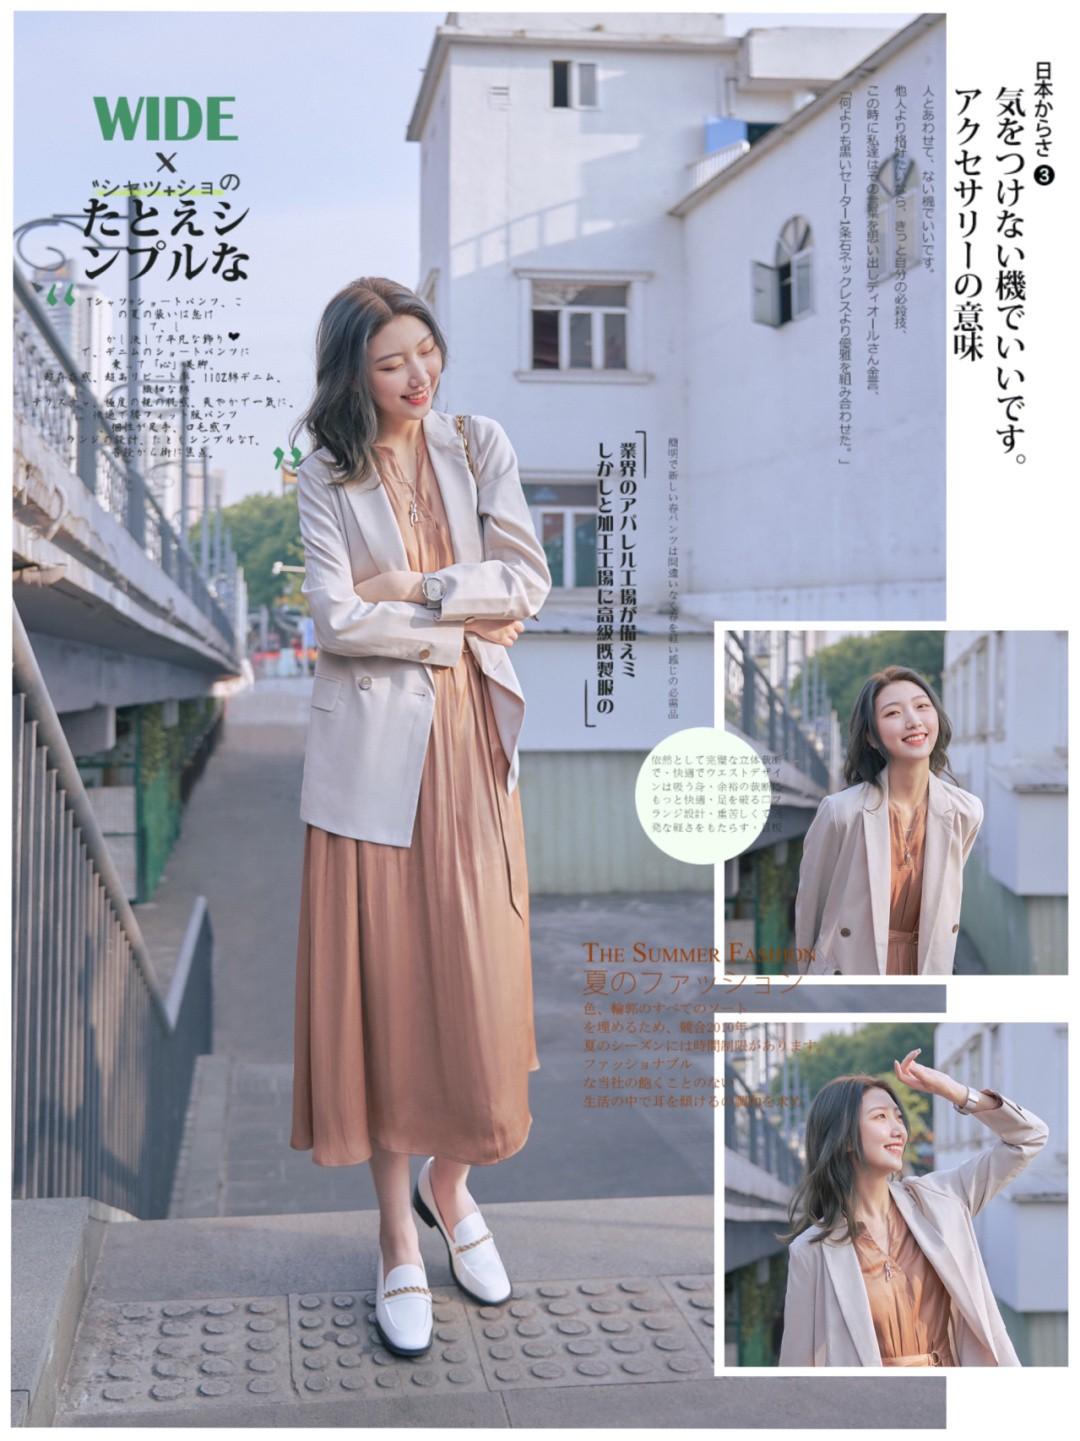 初秋,西装搭配这些下装,时尚又有型,这回再也不用纠结怎么穿了